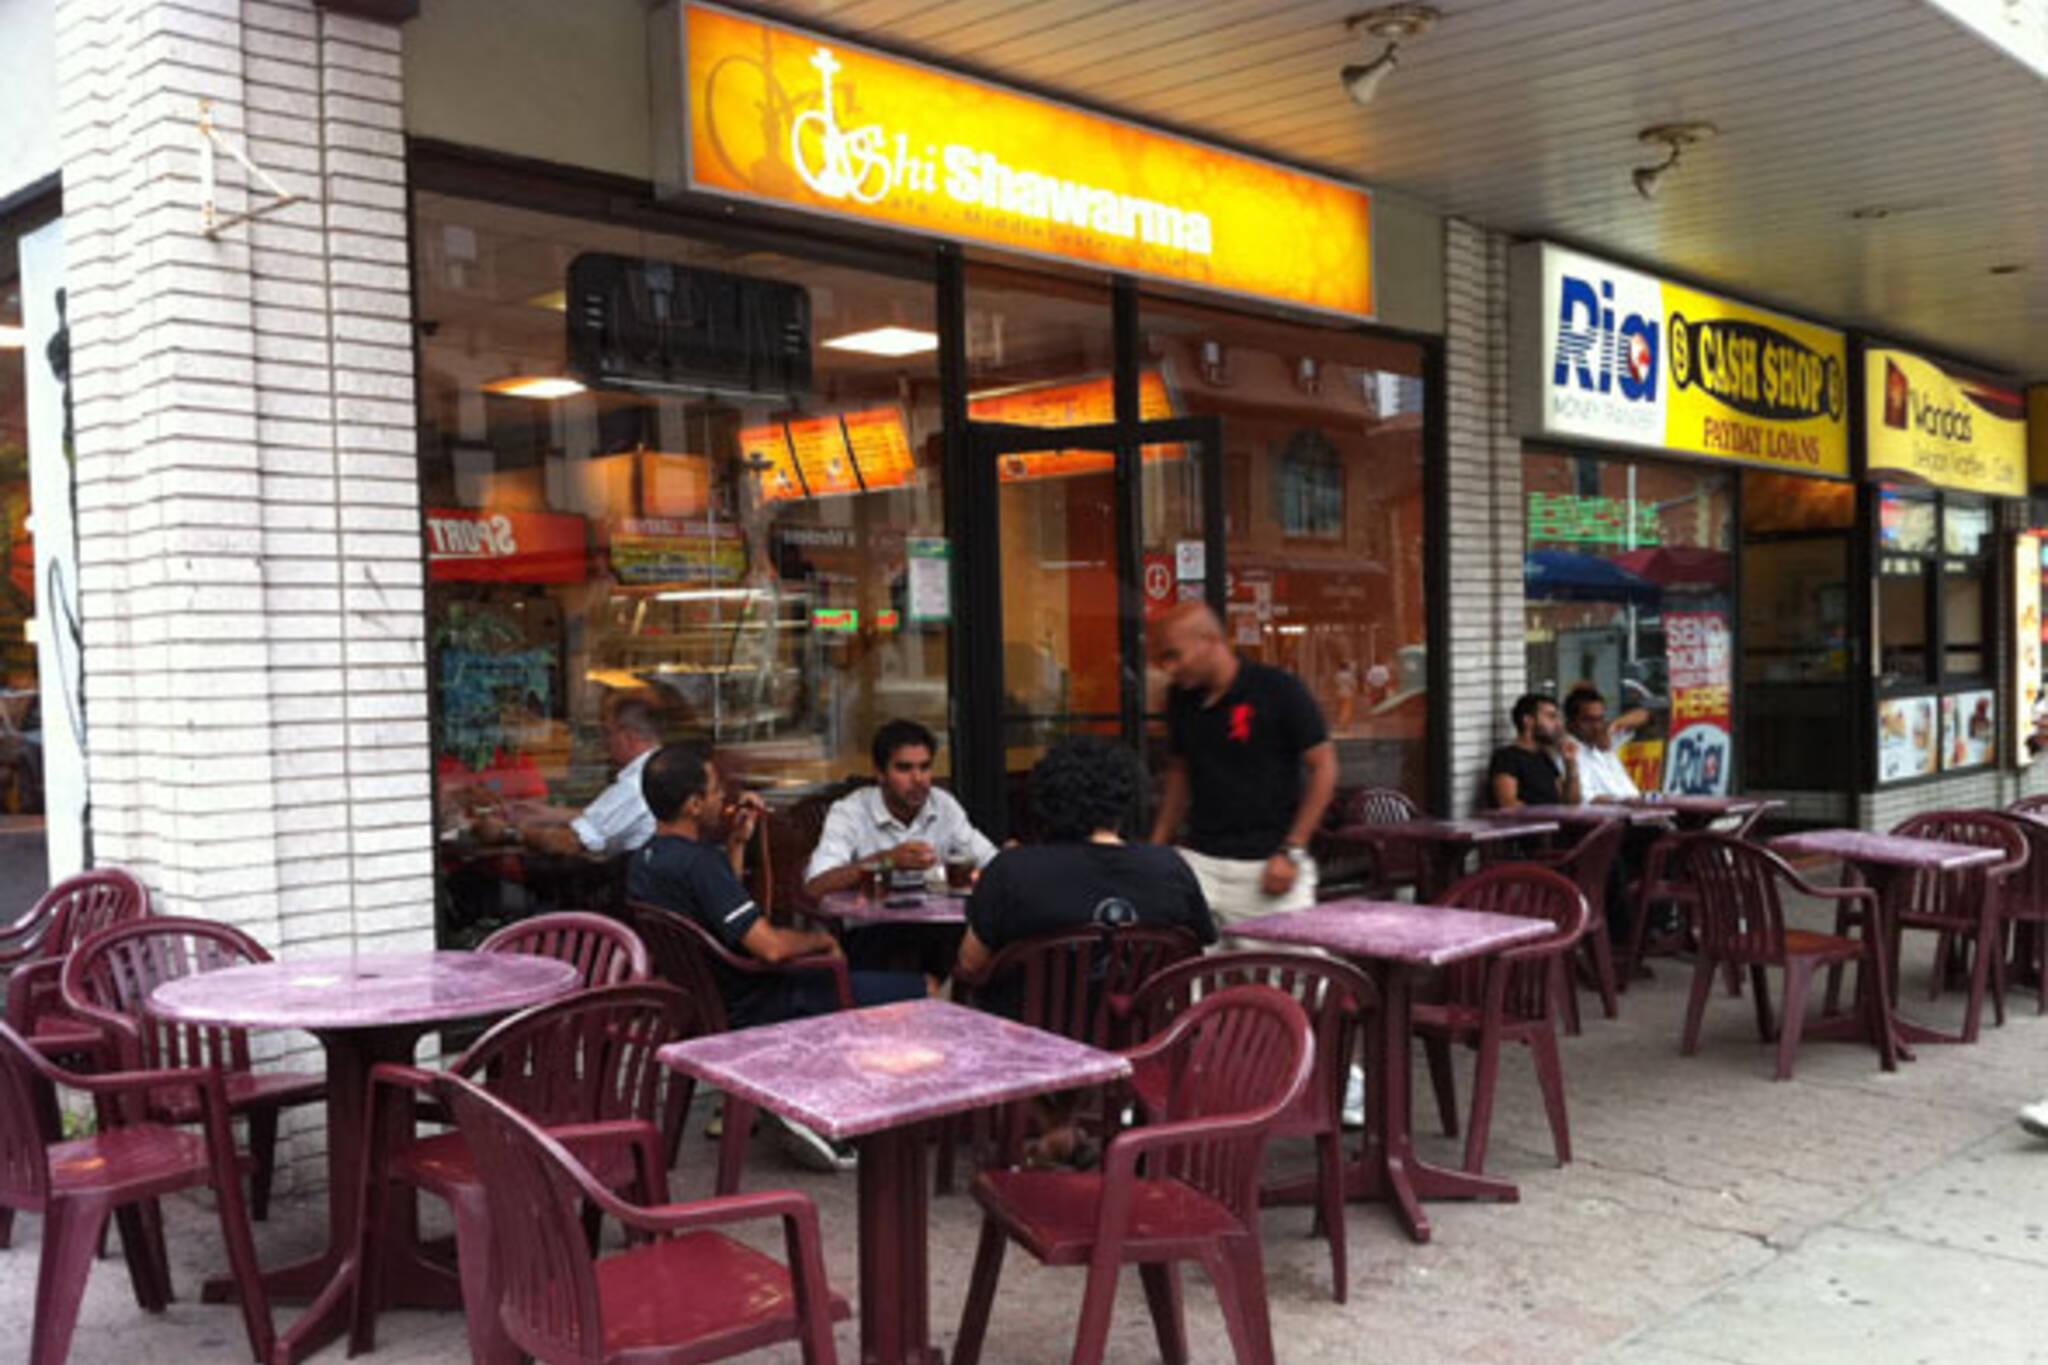 Shi Shawarma